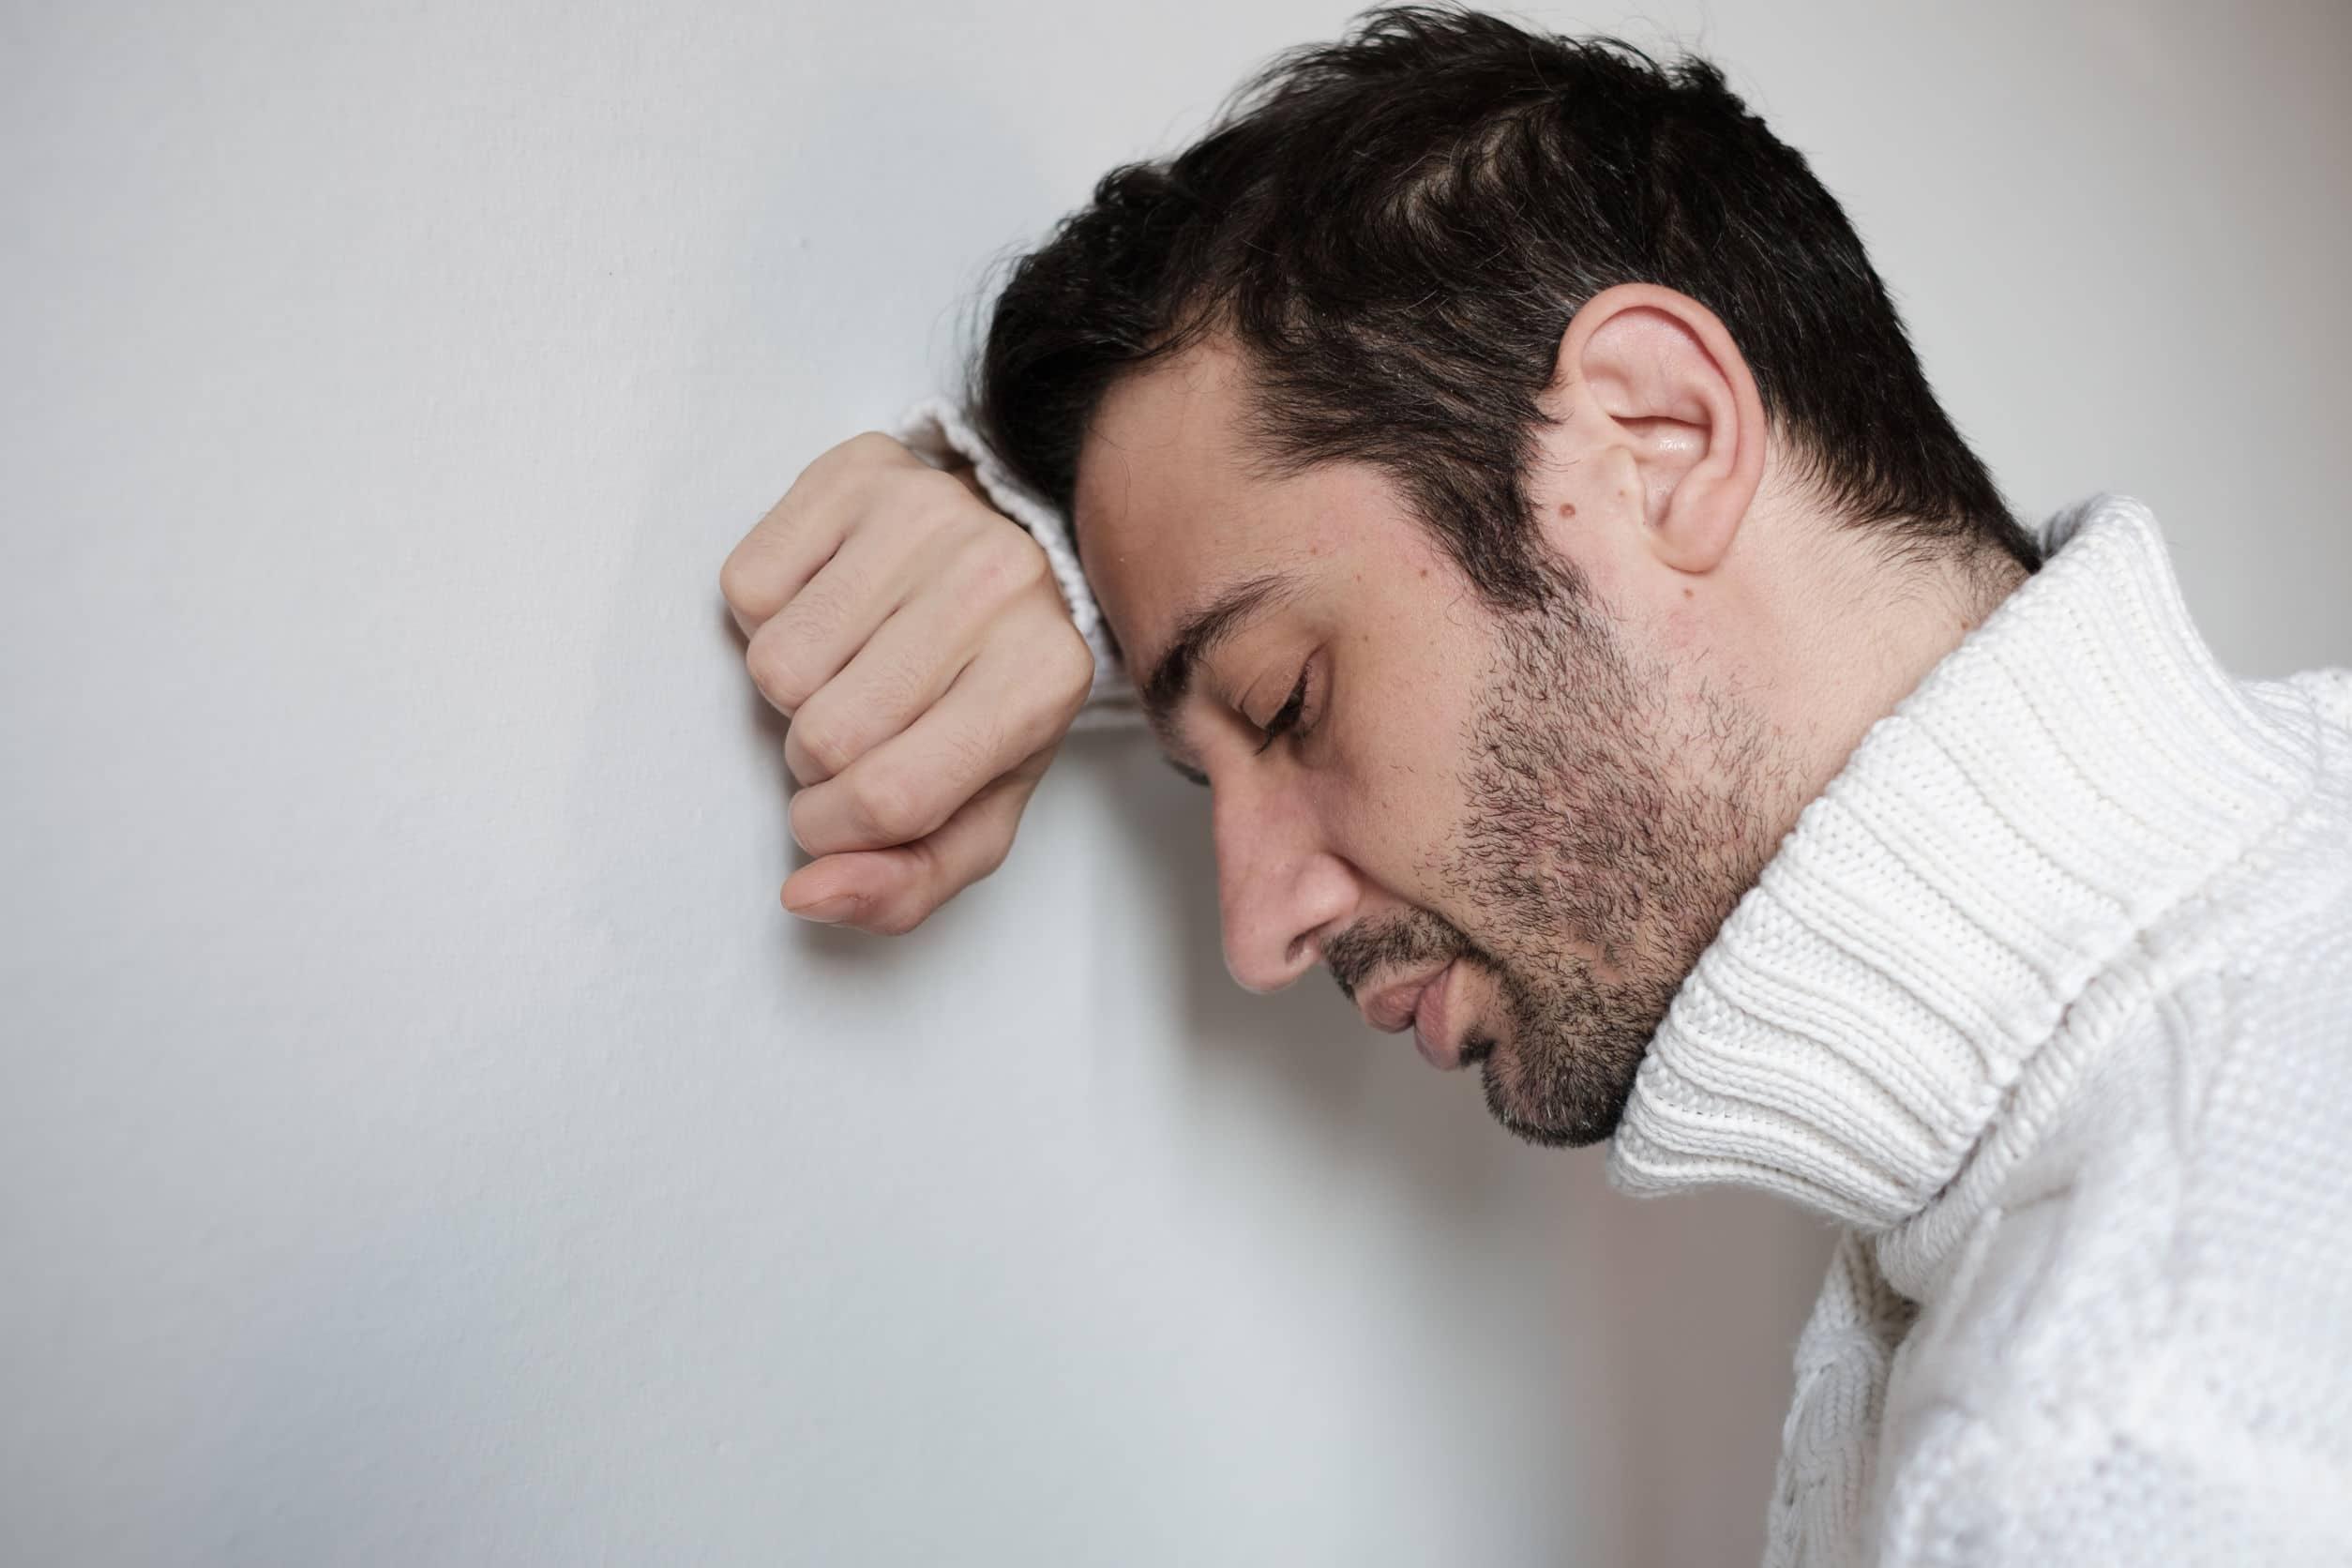 Homem usando blusa de frio com gola alta branca apoiado na parede usando uma mão. Rosto encostado na mão em sinal de tristeza e descontentamento.